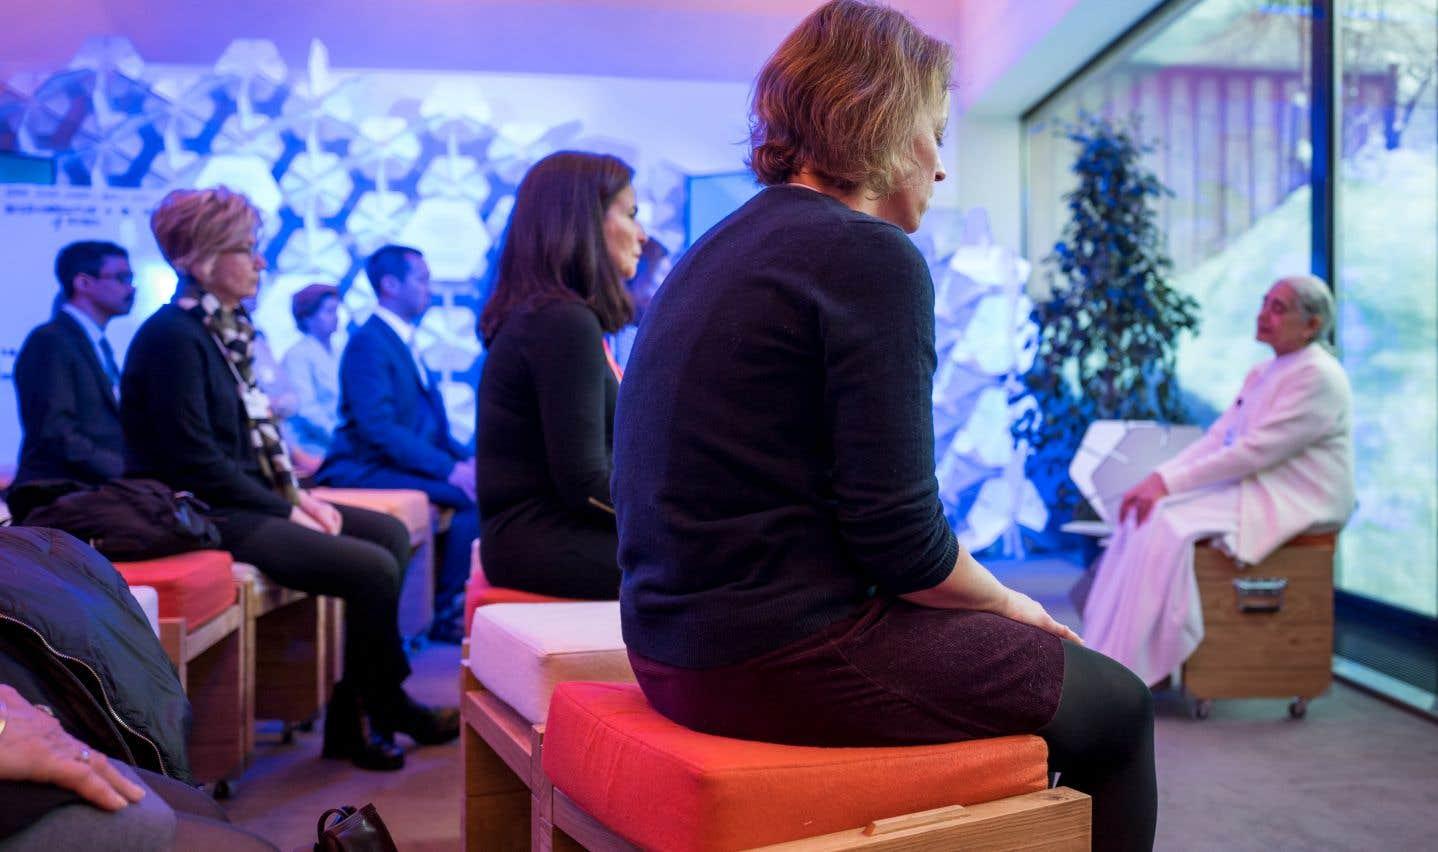 Assis face aux sommets enneigés, les participants au Forum de Davos se laissent le matin guider par la douce voix de Jayanti Kirpalani: «La paix n'est pas au-dehors, elle est en vous.»